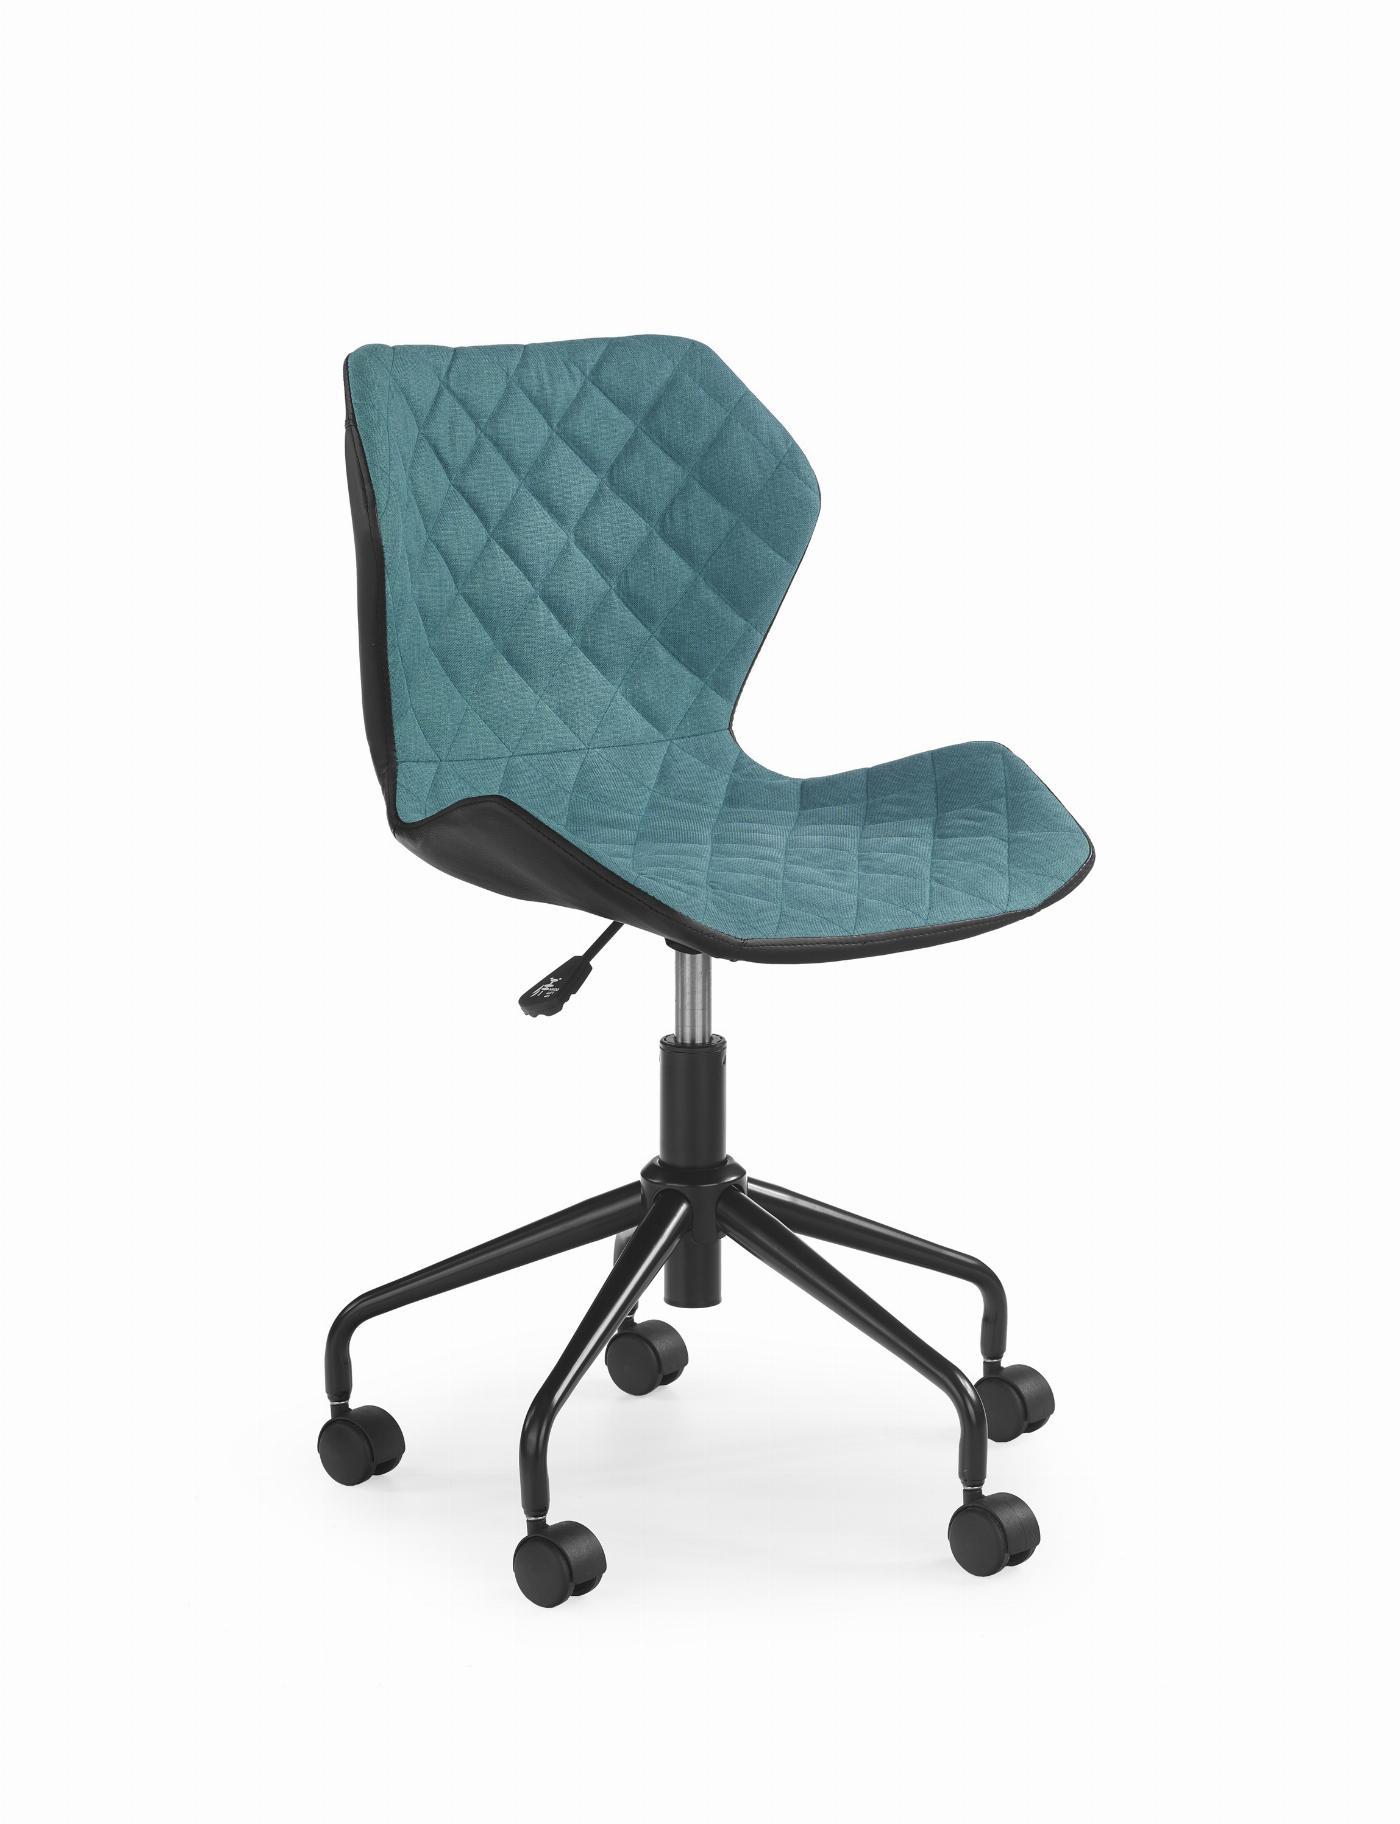 MATRIX fotel młodzieżowy czarny / turkusowy (1p=1szt)